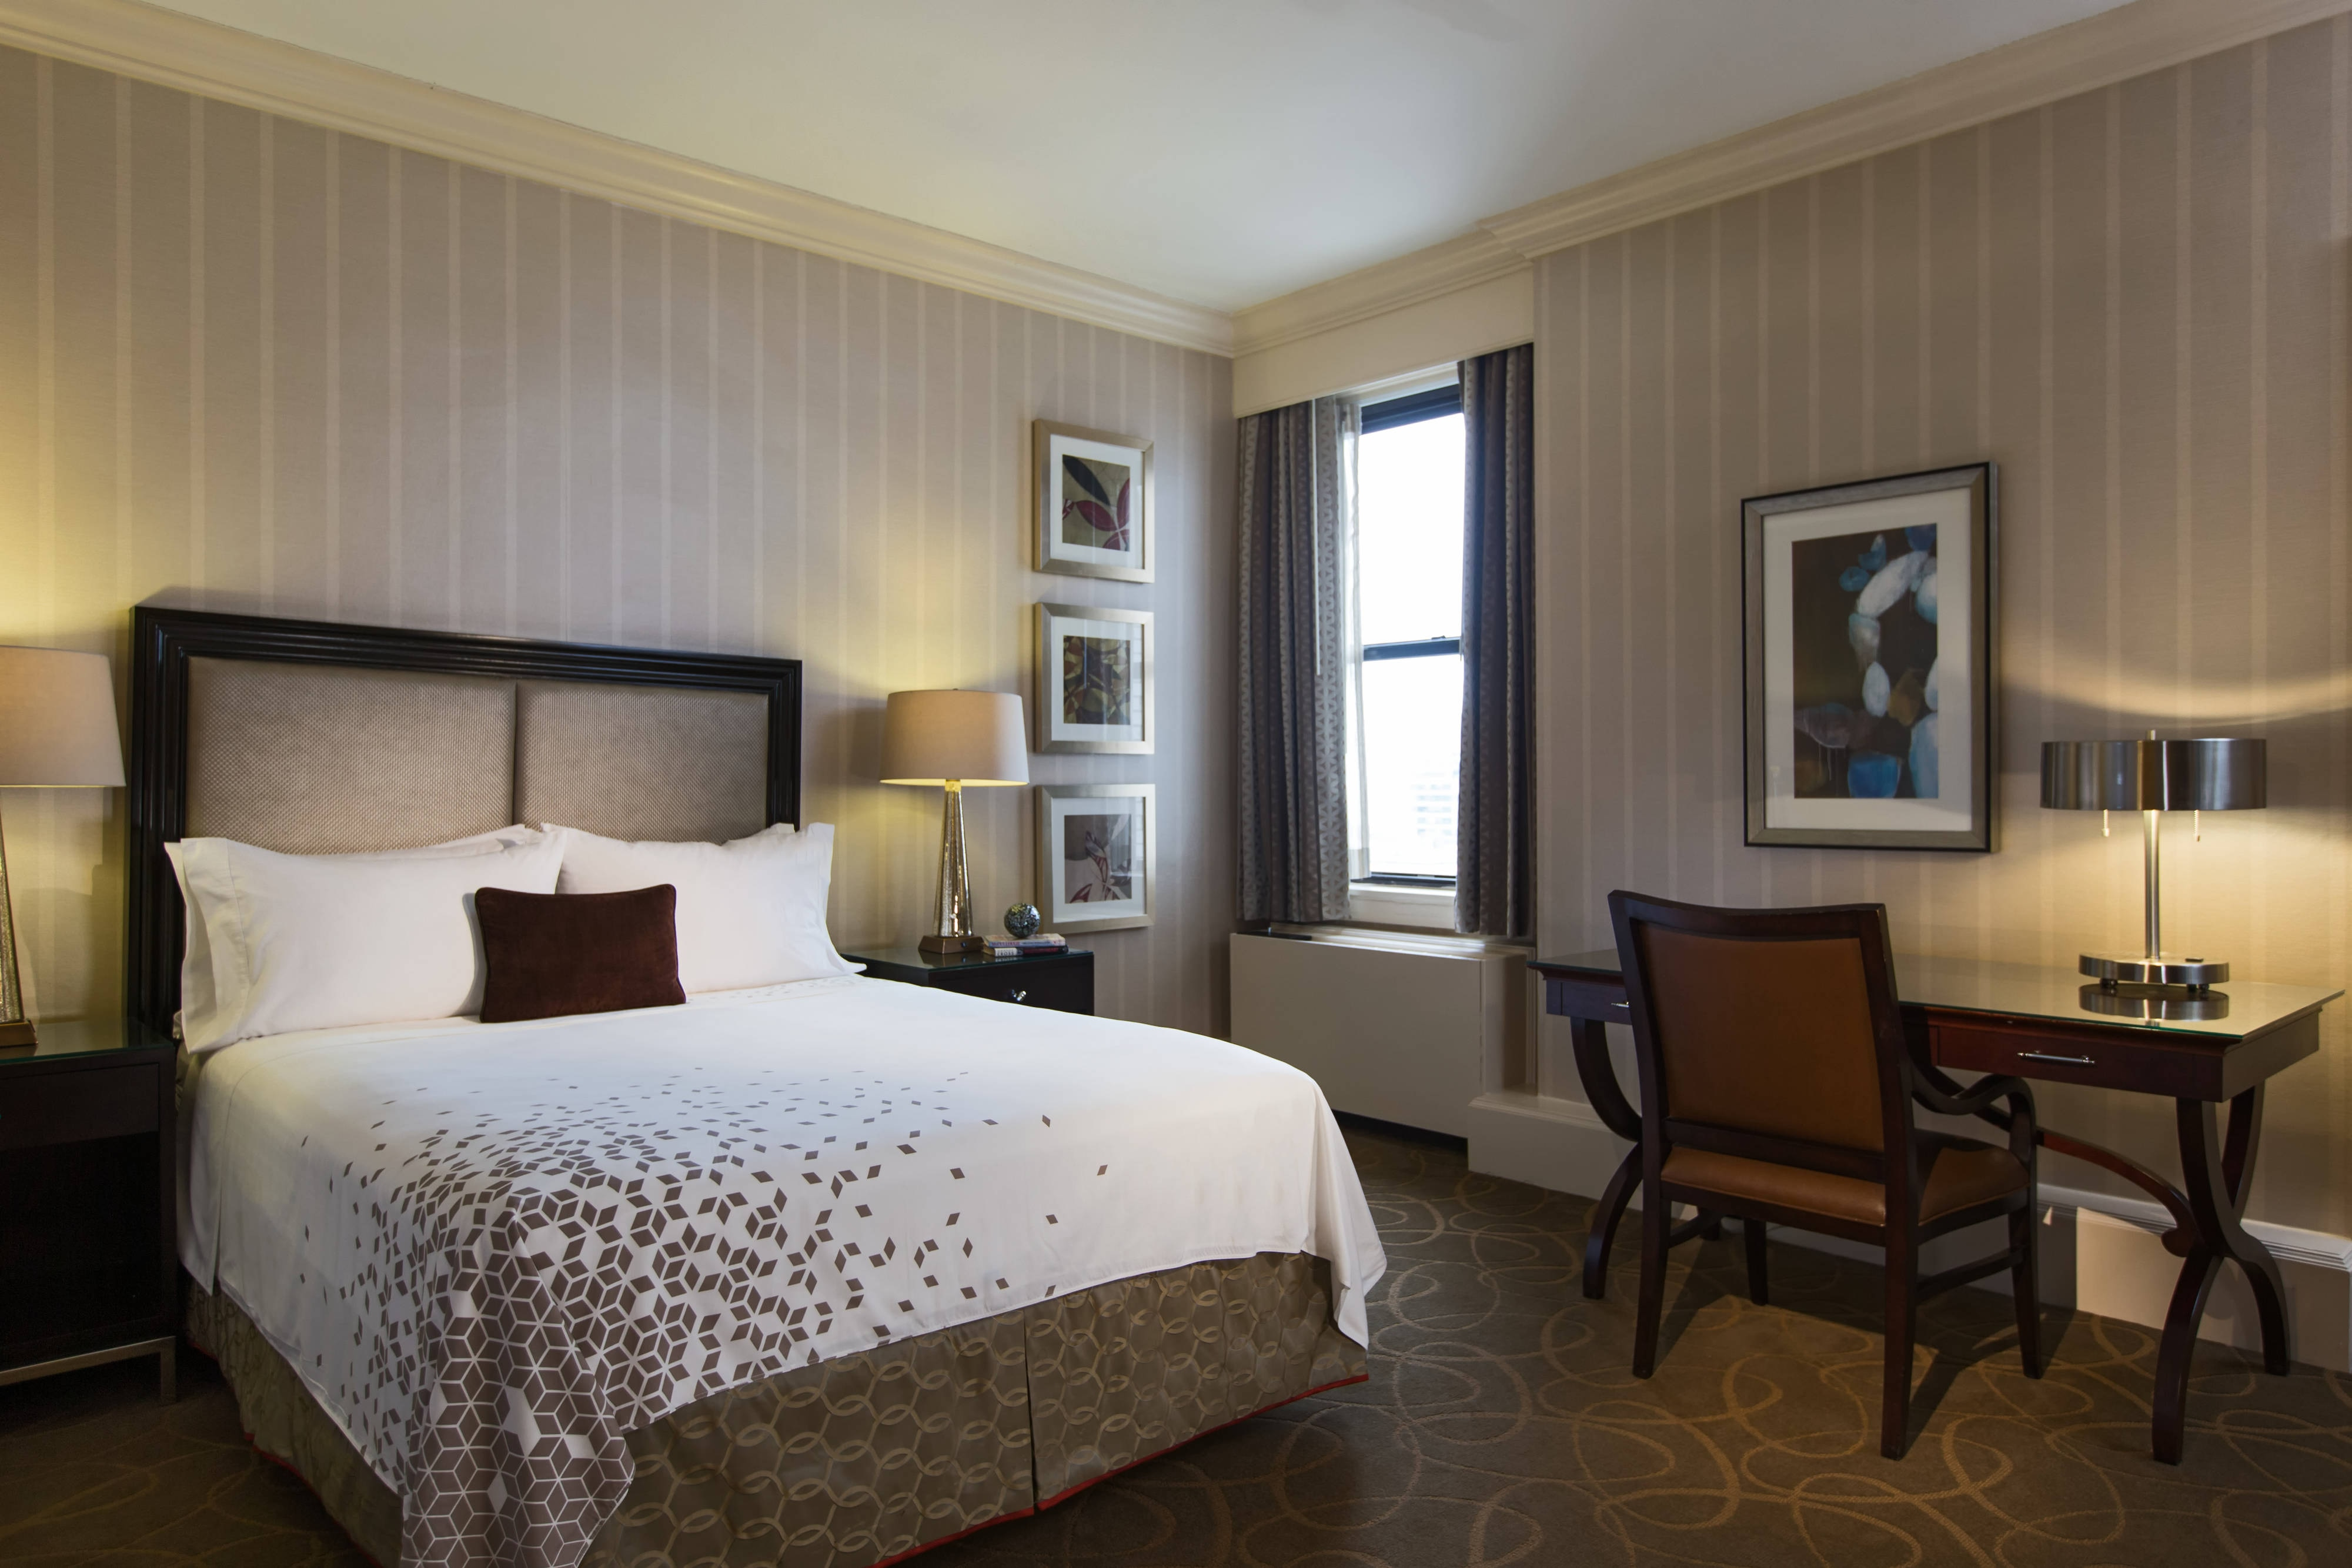 Queen Cozy Guest Room